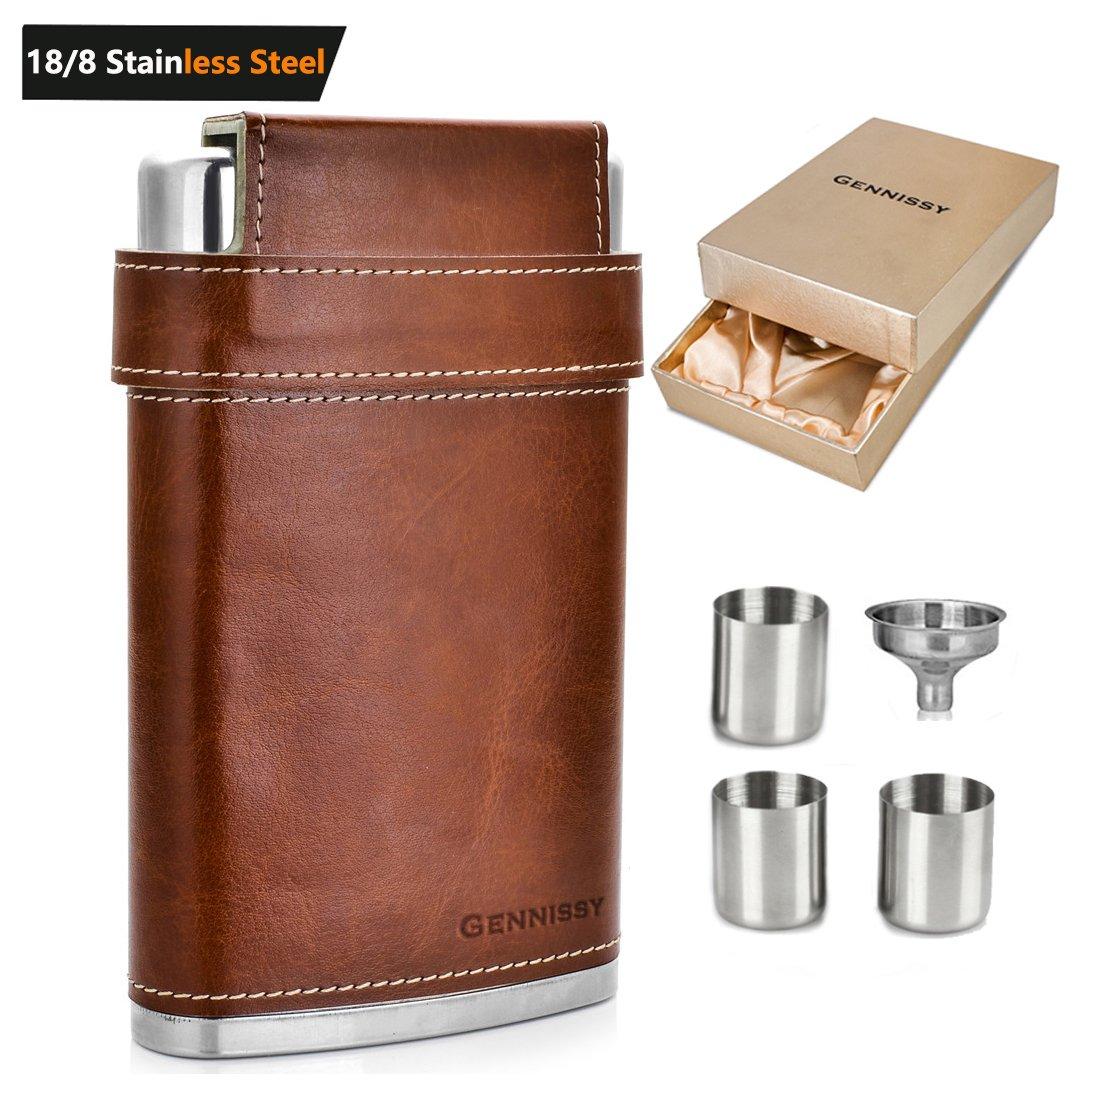 gennissy Pocket Petaca 8 oz con embudo libre - enveloppé en acero inoxidable con piel y impermeable 100% 8OZ Brown With Gift Box: Amazon.es: Hogar